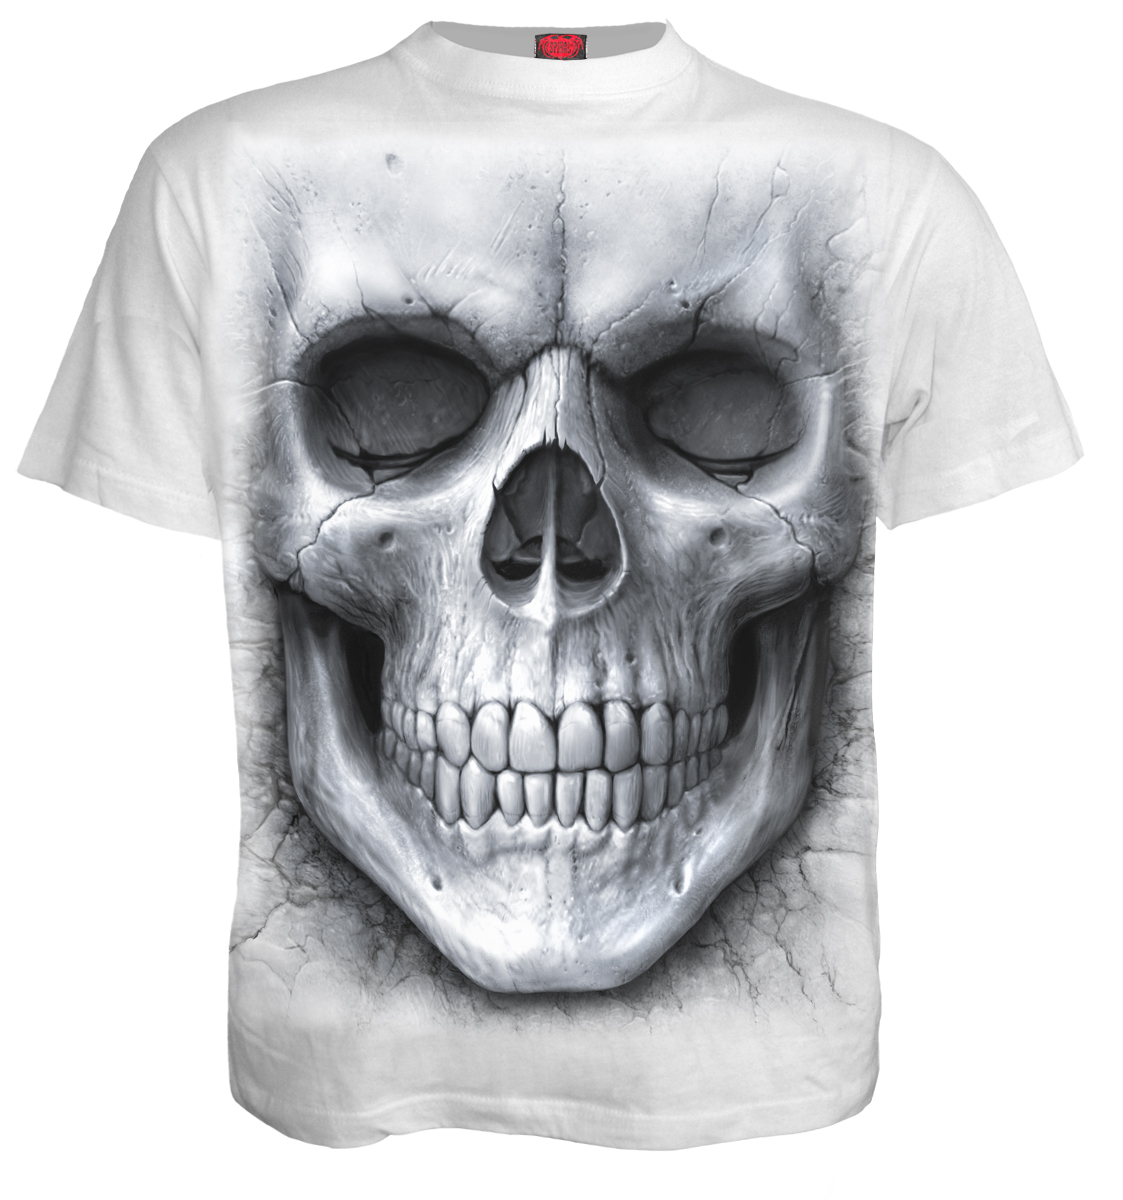 SPIRAL Solemn Skull T-Shirt weiss S012M113